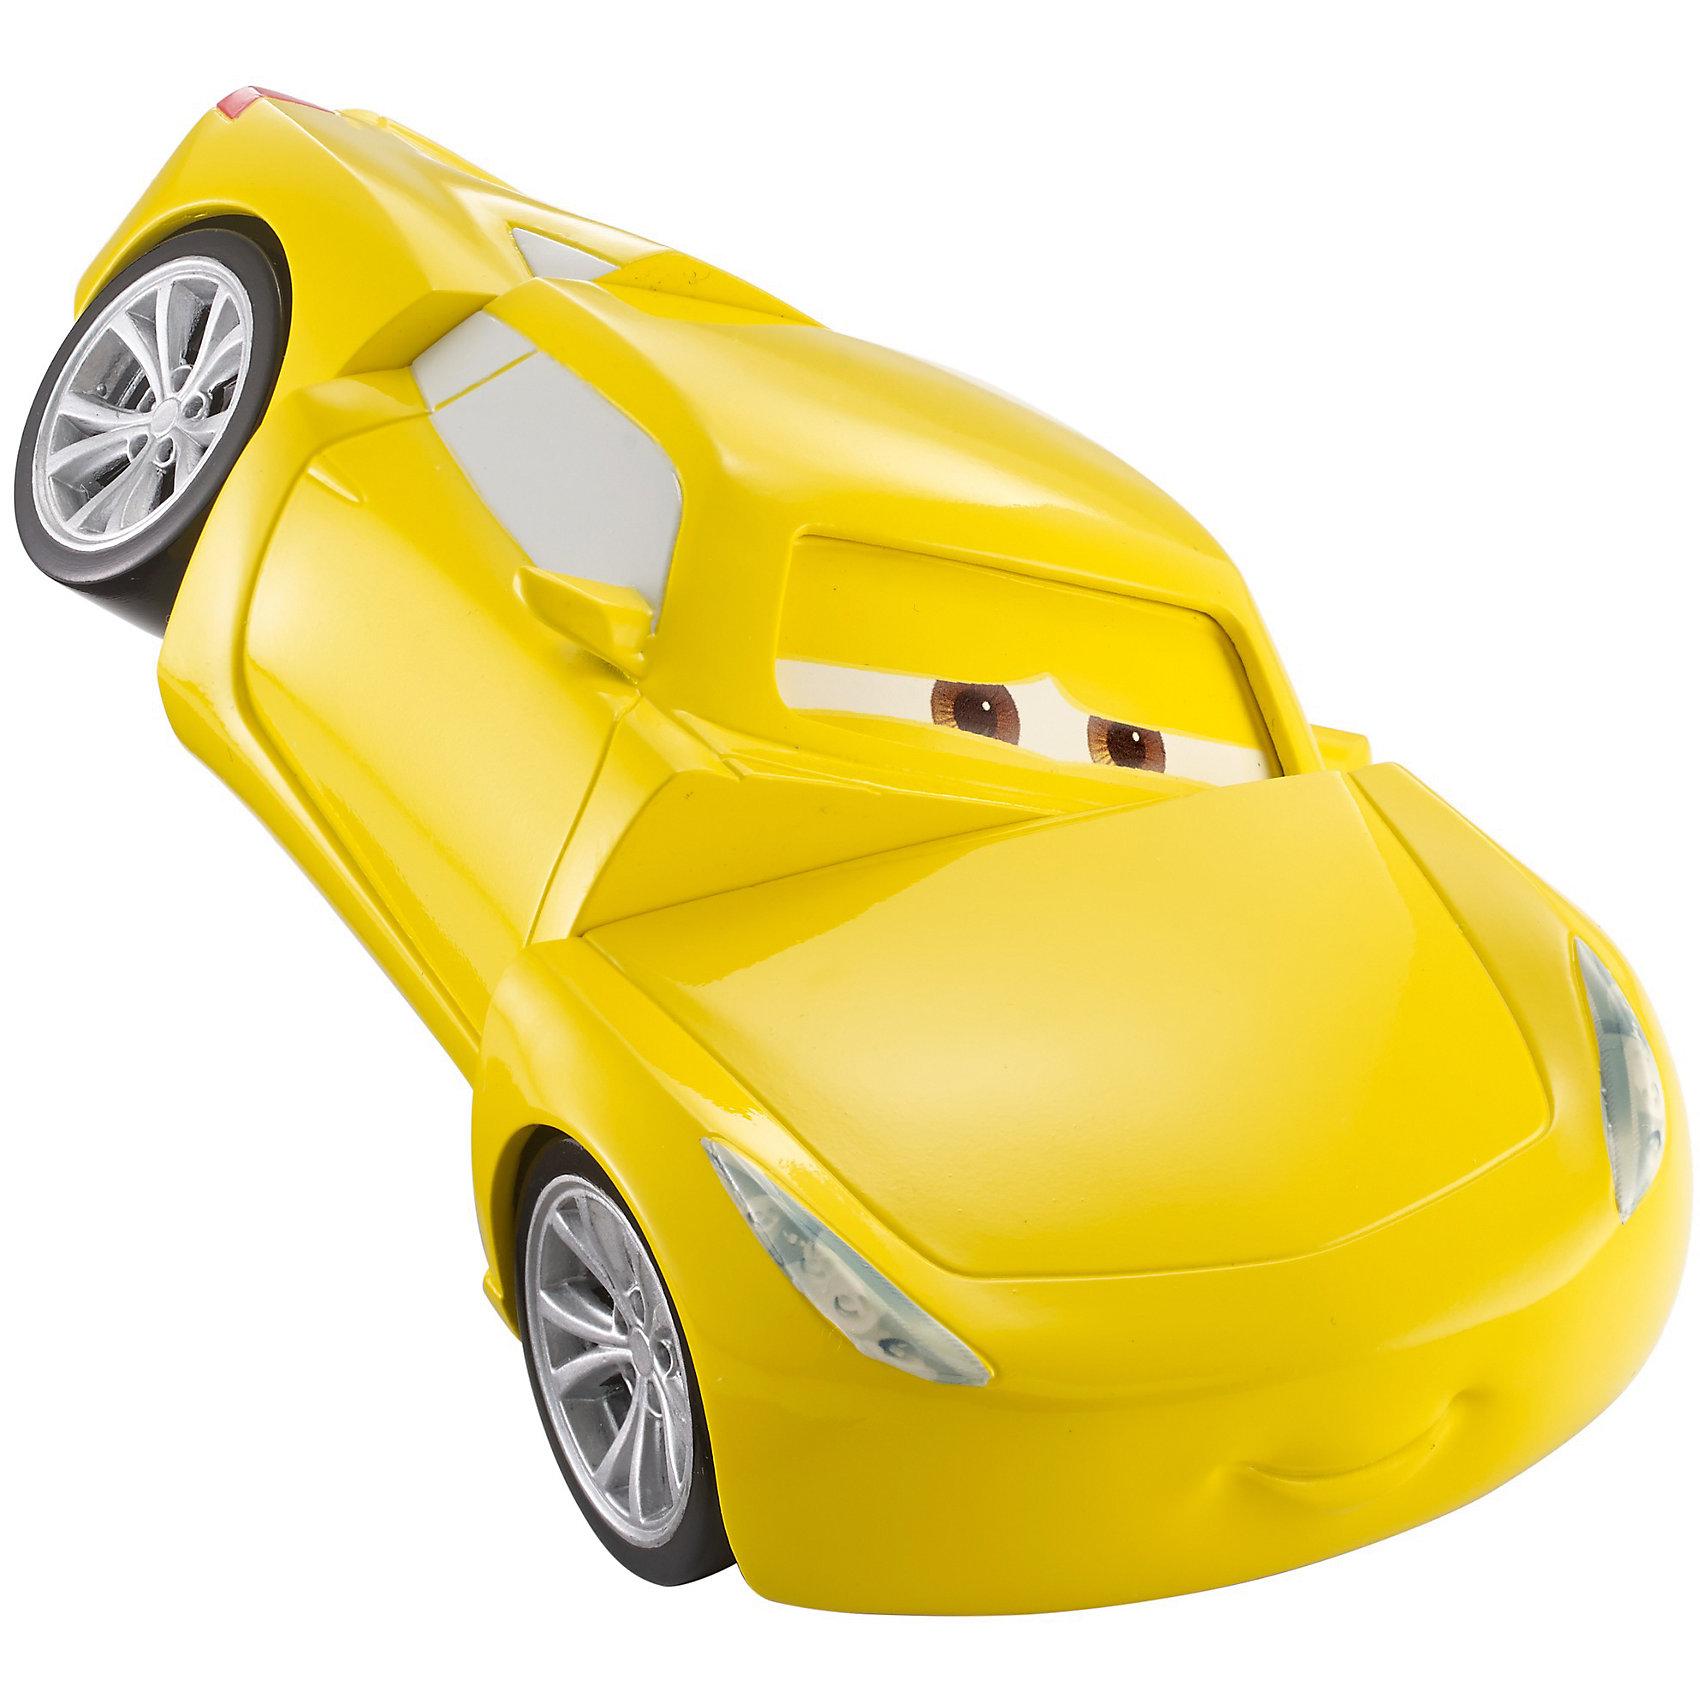 Вращающаяся Круз, ТачкиМашинки<br>Характеристики товара:<br><br>• возраст: от 3 лет;<br>• материал: пластик;<br>• в комплекте: машинка;<br>• размер упаковки: 19х21,5х10 см;<br>• вес упаковки: 249 гр.;<br>• страна производитель: Китай.<br><br>Вращающийся Круз Тачки Mattel — машинка, созданная по мотивам известного мультфильма «Тачки 3» про приключения Молнии Маккуина. Она представляет собой одного из персонажей мультфильма. Машинка реагирует на прикосновения. Если нажать на ее капот, то ее части развернутся в разные стороны. Теперь предстоит привести их в первоначальное положение, просто покрутив детали машины.<br><br>Вращающегося Круз Тачки Mattel можно приобрести в нашем интернет-магазине.<br><br>Ширина мм: 215<br>Глубина мм: 100<br>Высота мм: 190<br>Вес г: 249<br>Возраст от месяцев: 36<br>Возраст до месяцев: 120<br>Пол: Мужской<br>Возраст: Детский<br>SKU: 6883664